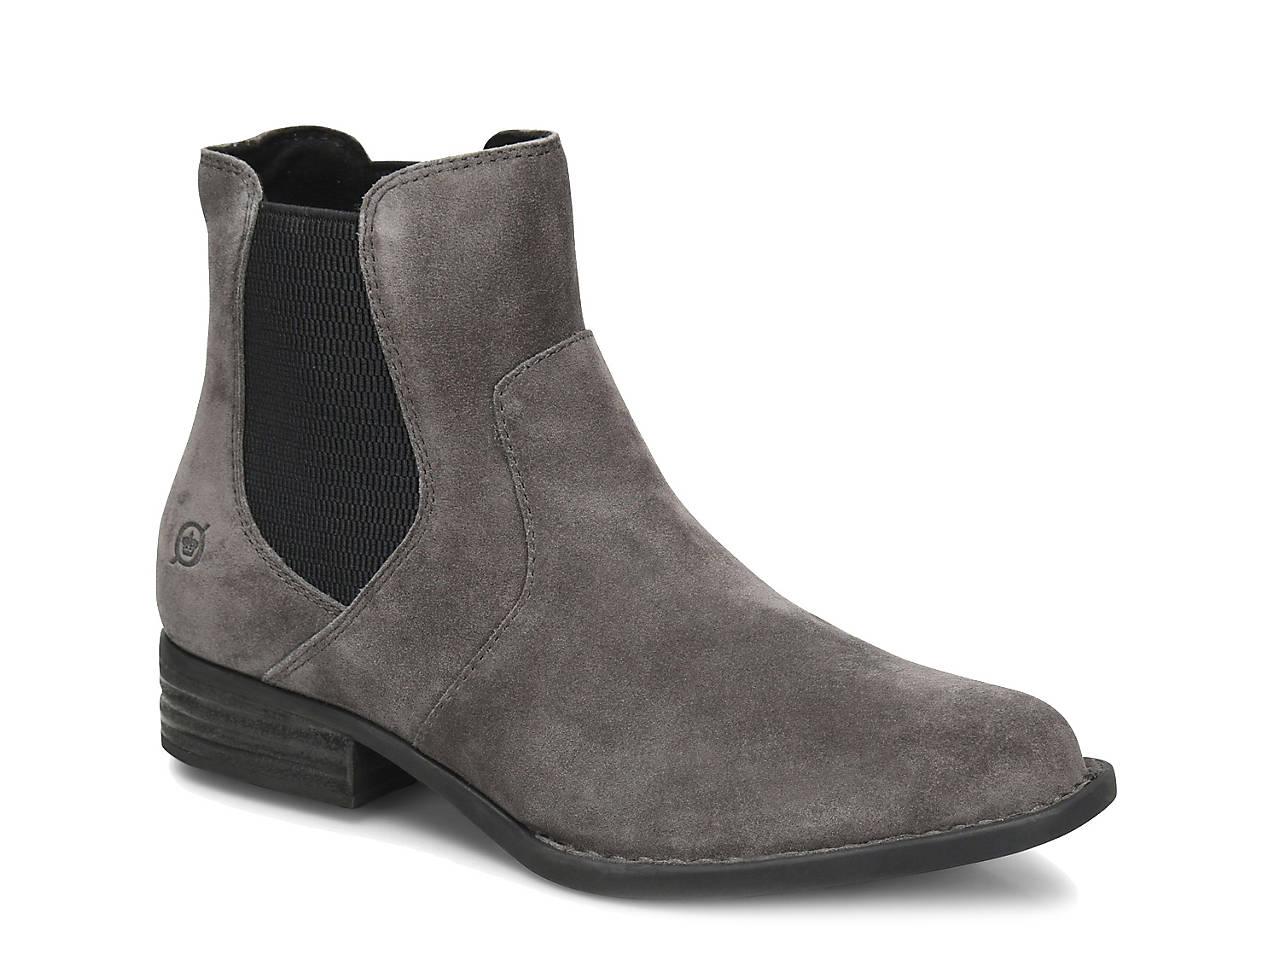 743fb6d35a13 Born Bresson Chelsea Boot Women s Shoes